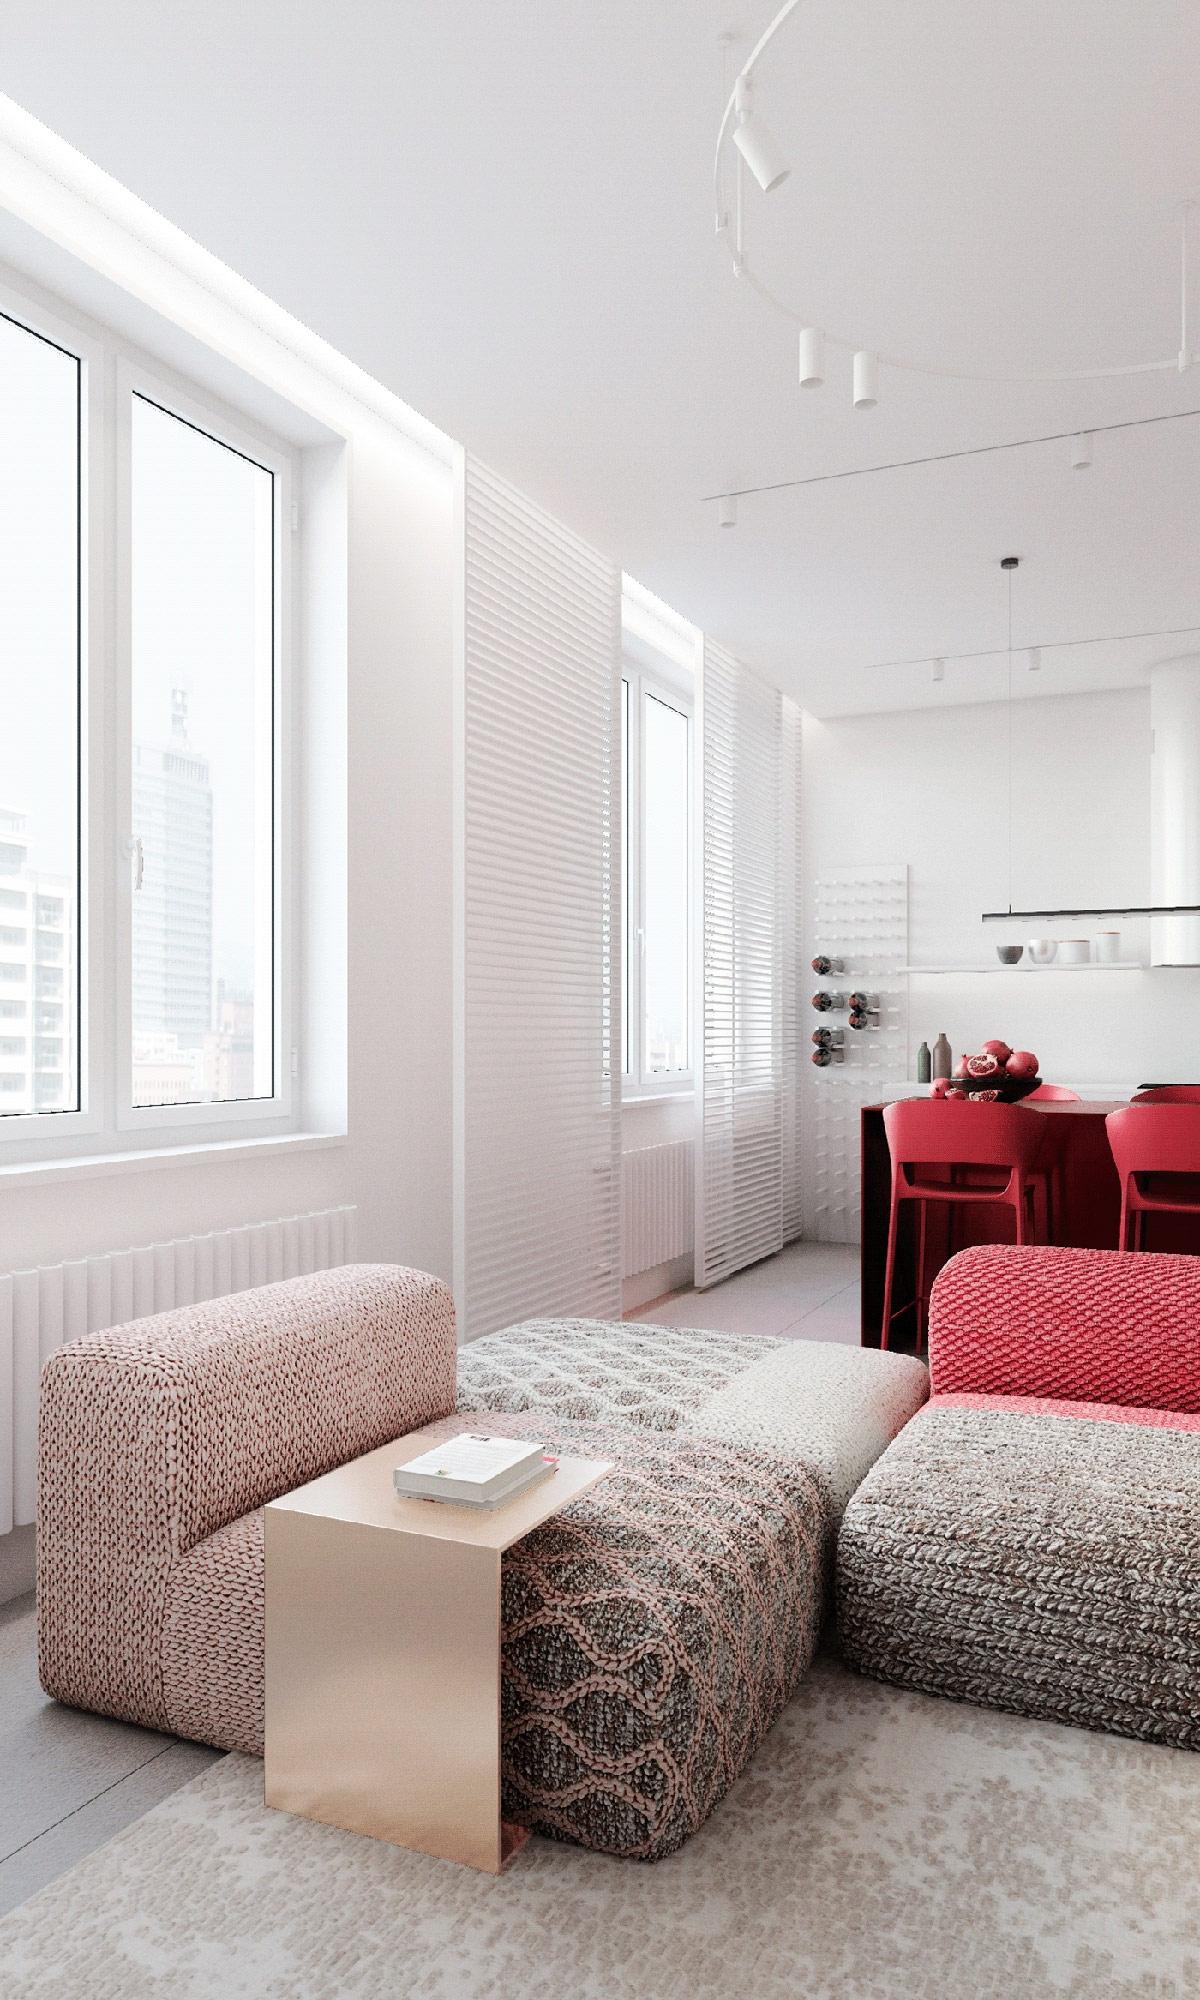 Ngôi nhà của một người phụ nữ ở Moscow, Nga chọn điểm nhấn màu đỏ ở bộ sofa sang trọng. Màu đỏ mạnh mẽ ở phần tựa lưng sau đó điểm xuyết ở phần vải bọc. .